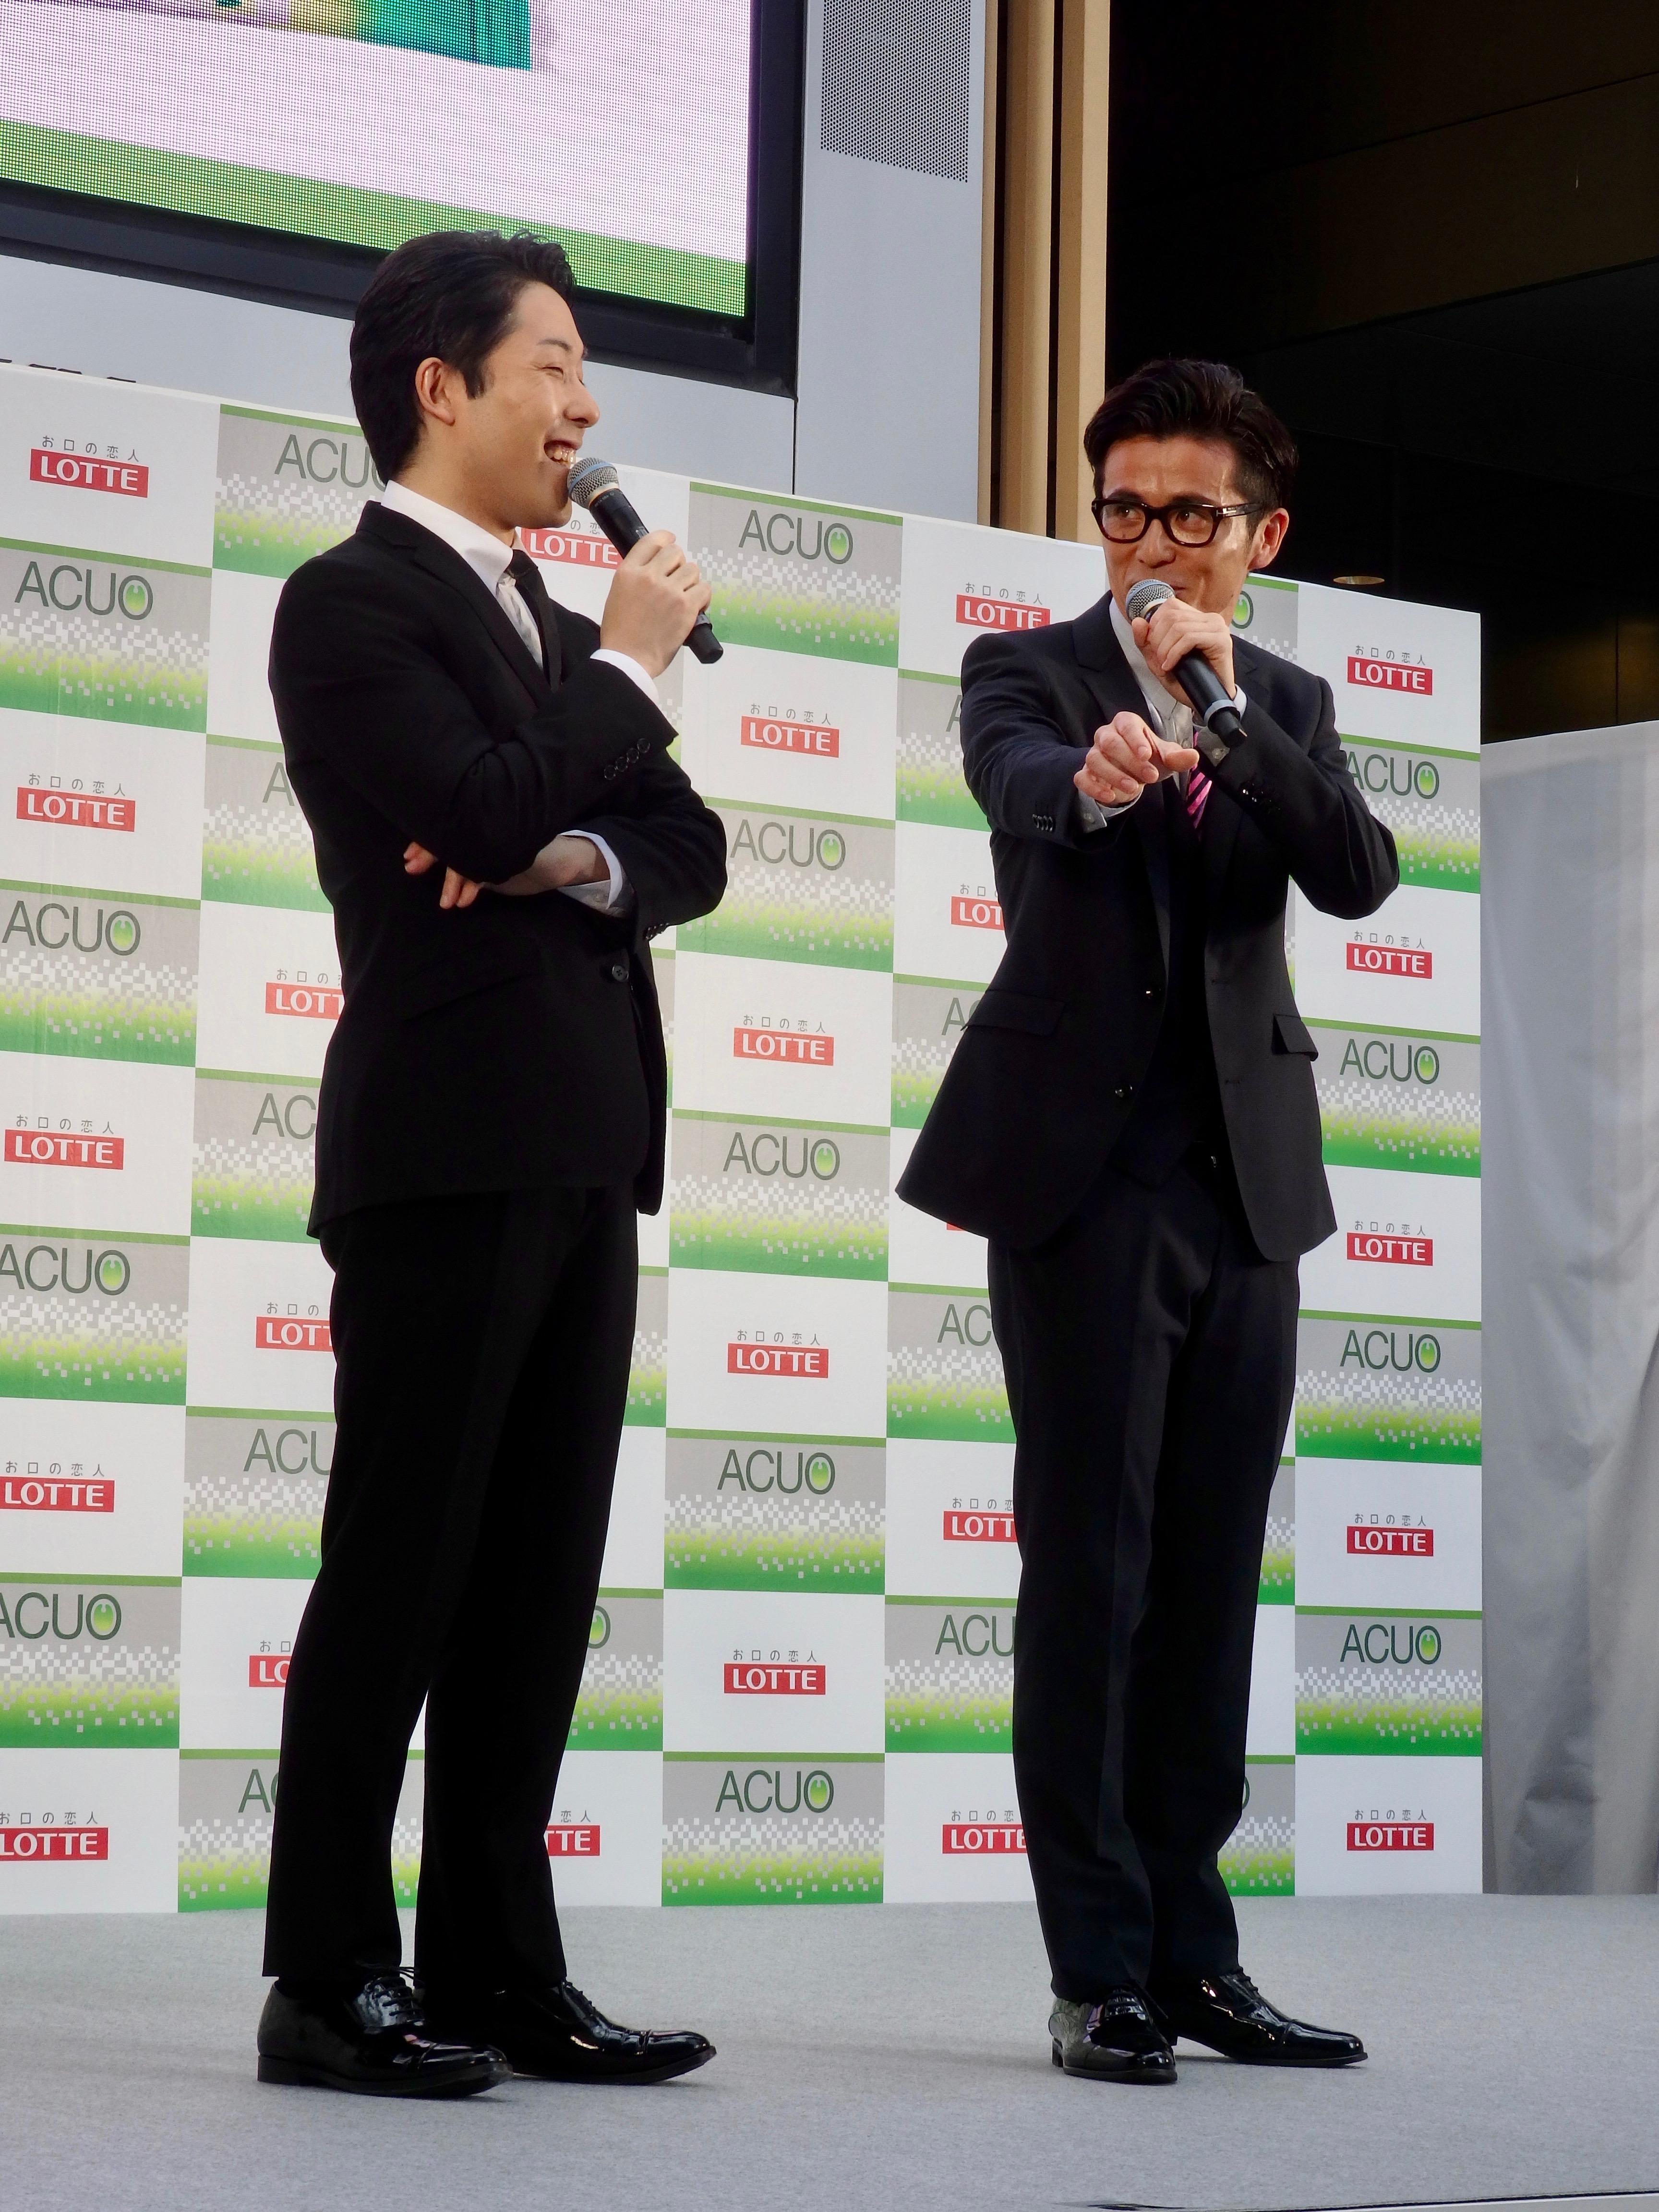 http://news.yoshimoto.co.jp/20170417183741-52efd94e24618ee93c9d712d97979e1db0f5d240.jpg